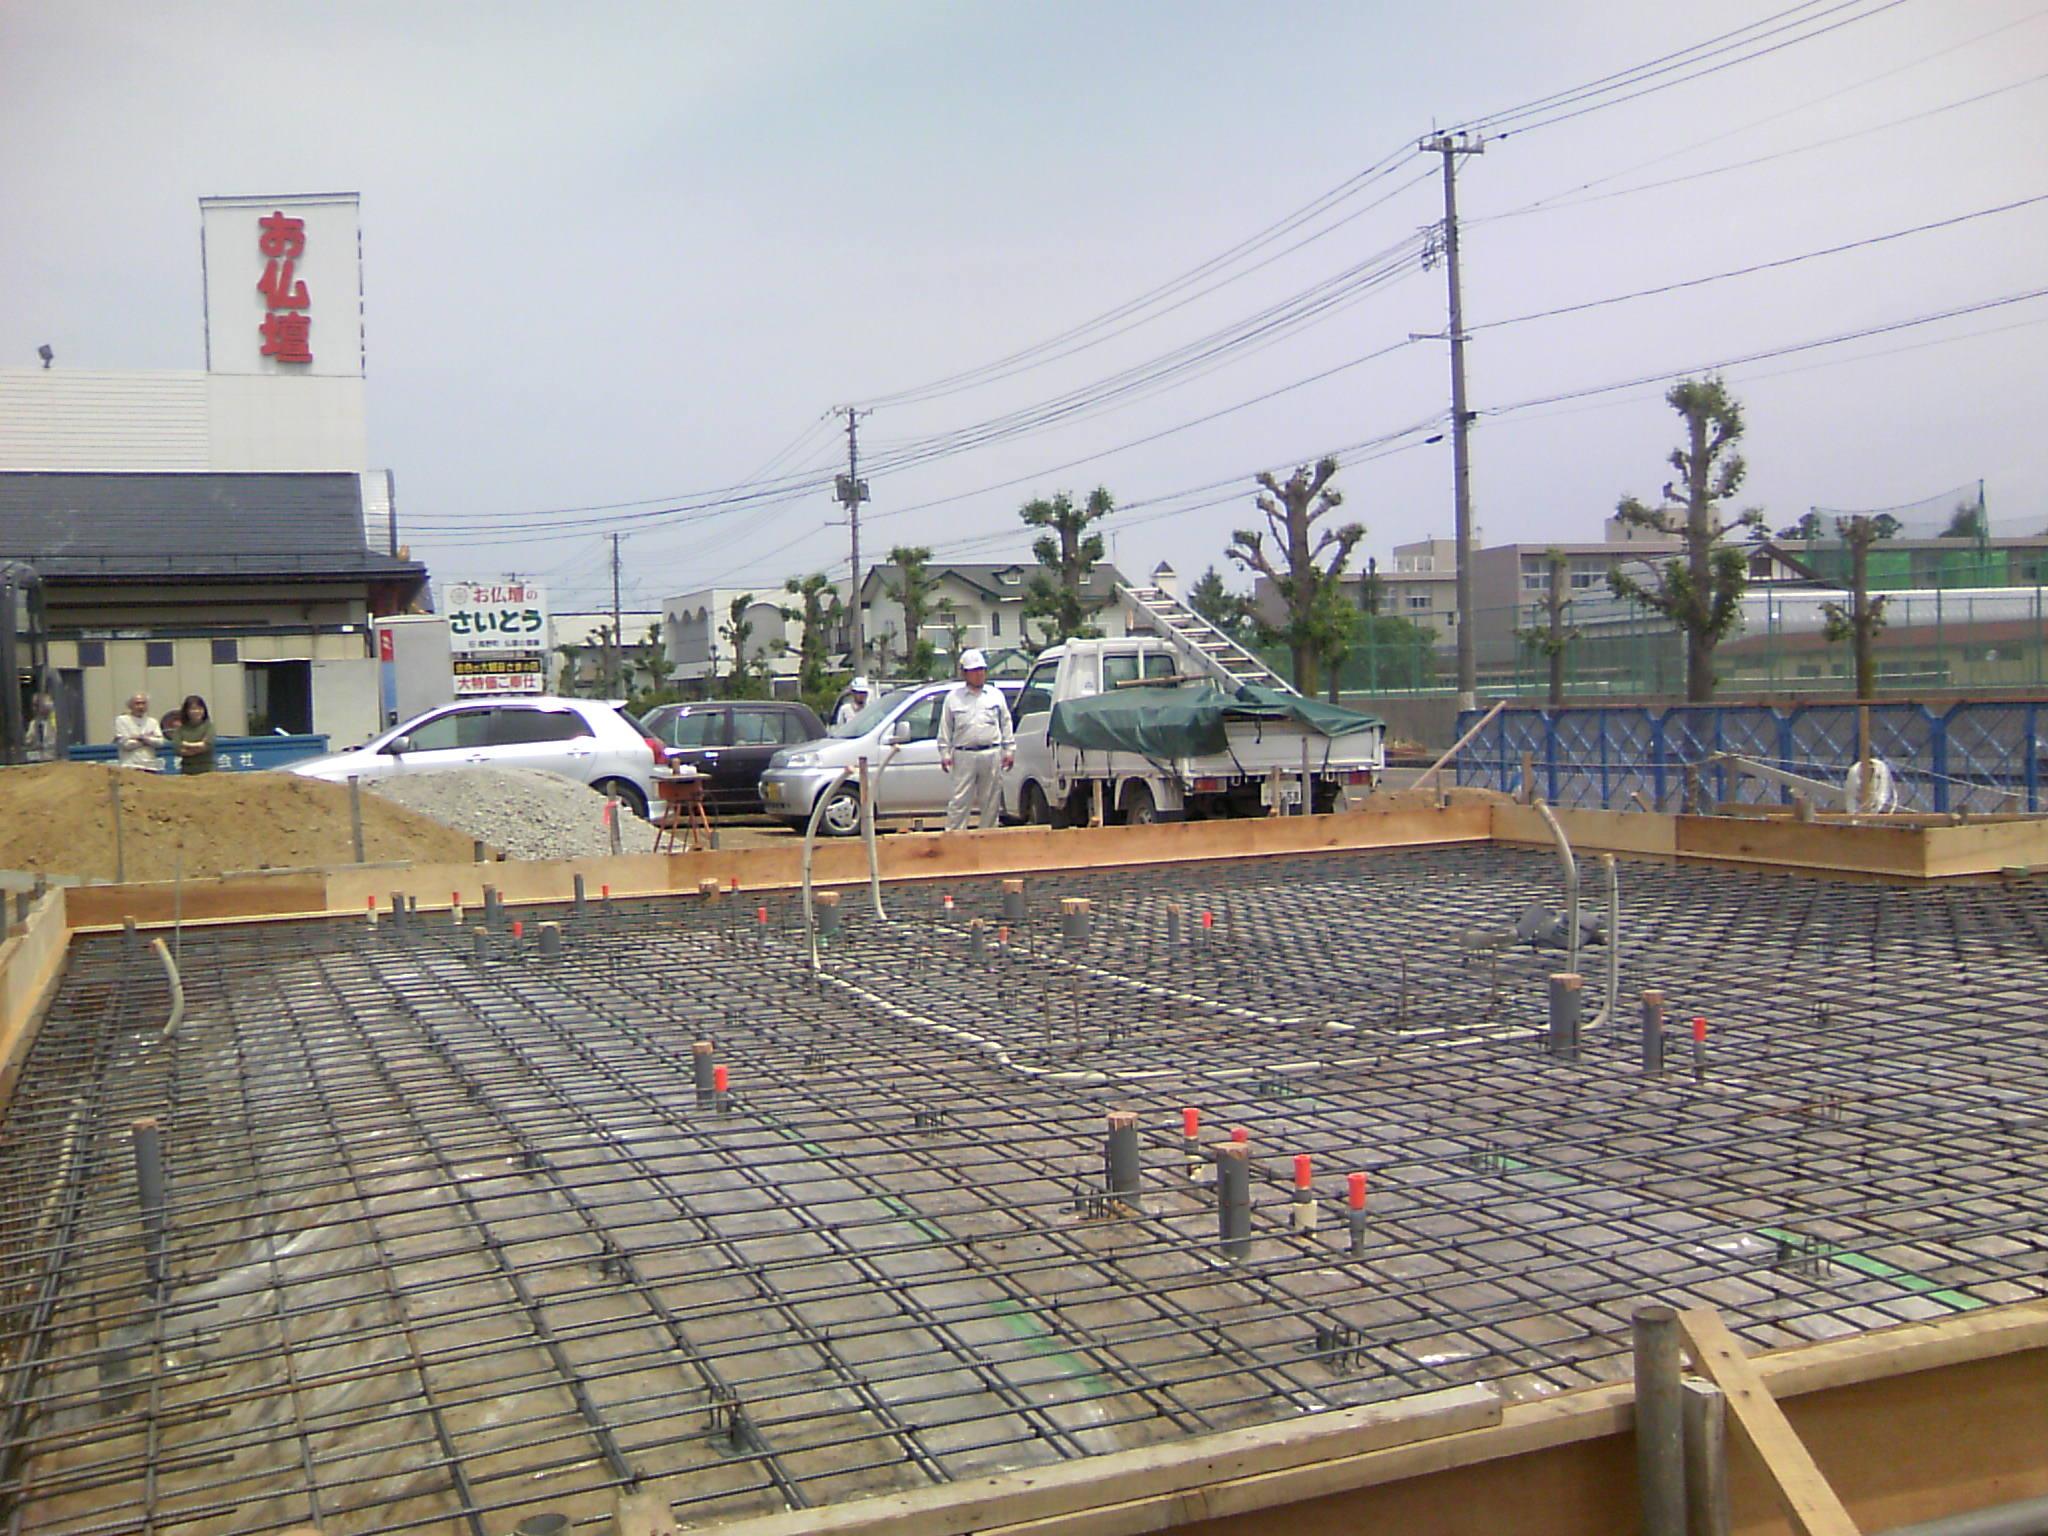 長井市 K店舗 現場打ち合わせ_c0097137_9391695.jpg